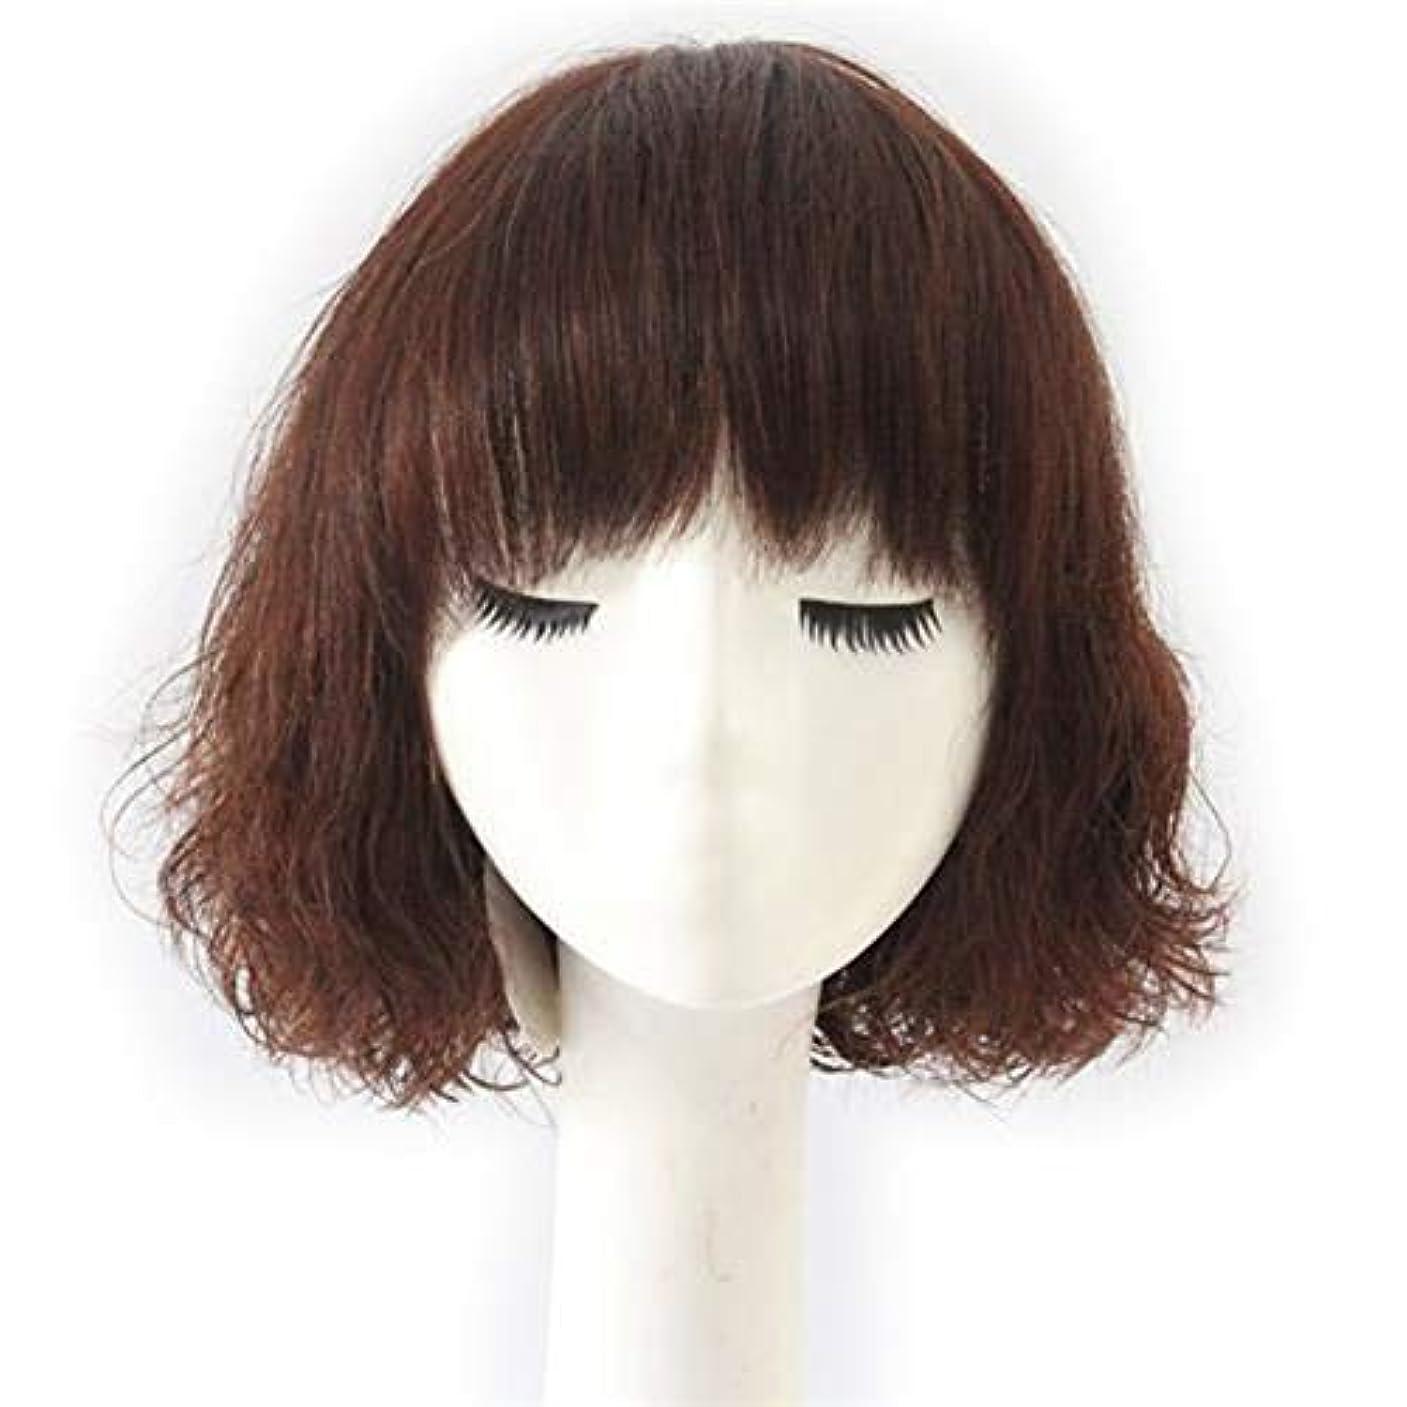 脅かす能力娯楽かつら 女性のファッションかつらのためのダークブラウンのリアルヘアウィッグショートカーリーペアヘッド (色 : Dark brown)